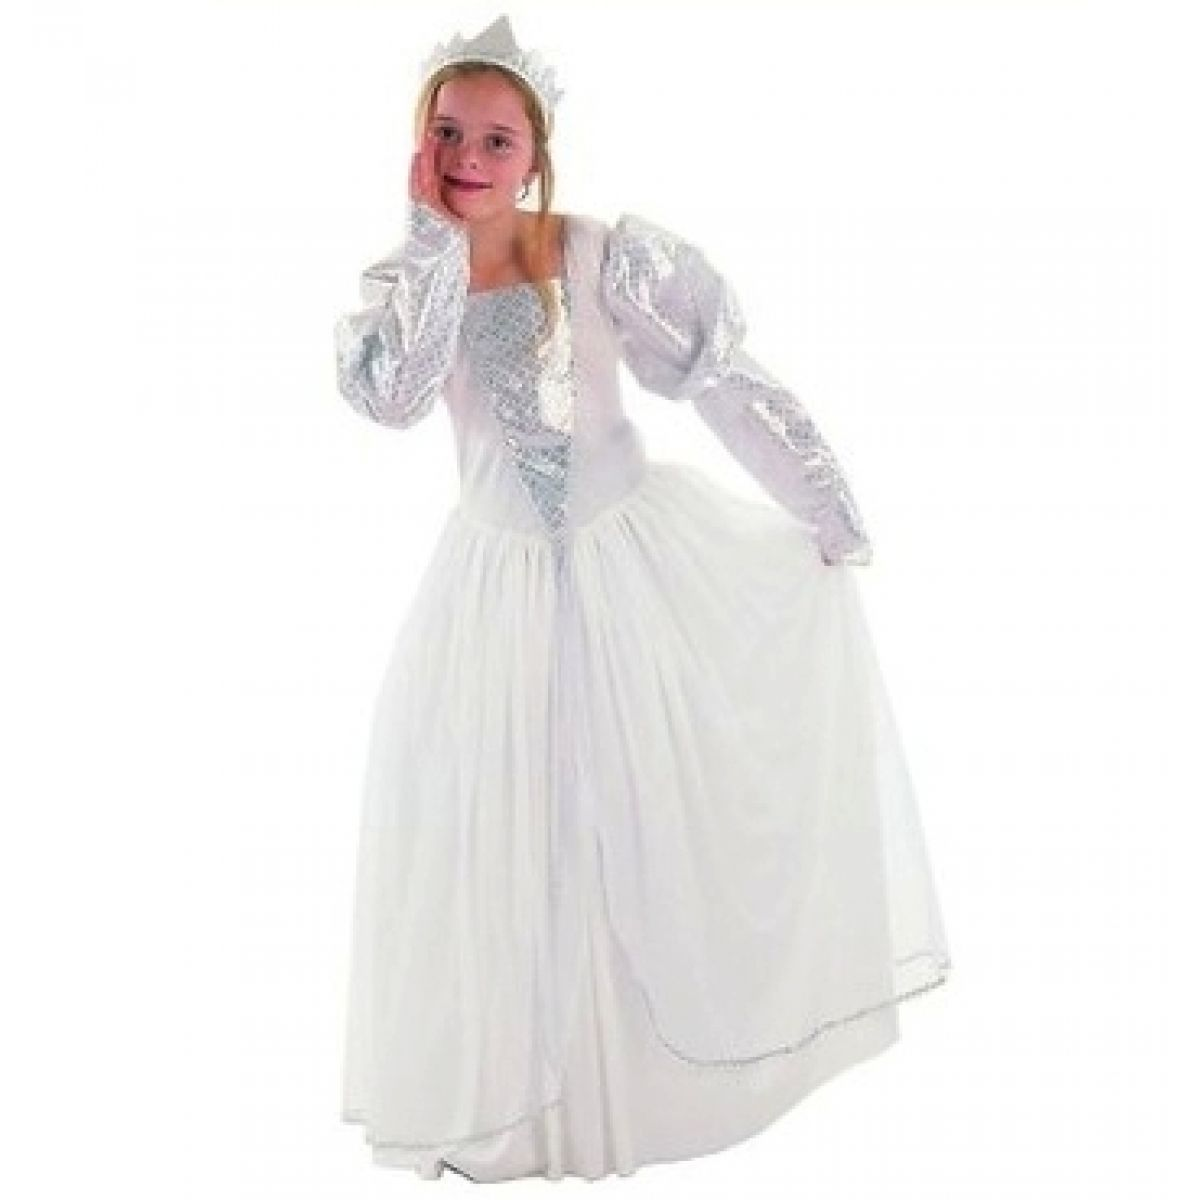 Made Dětský kostým Princezna bílá vel. M